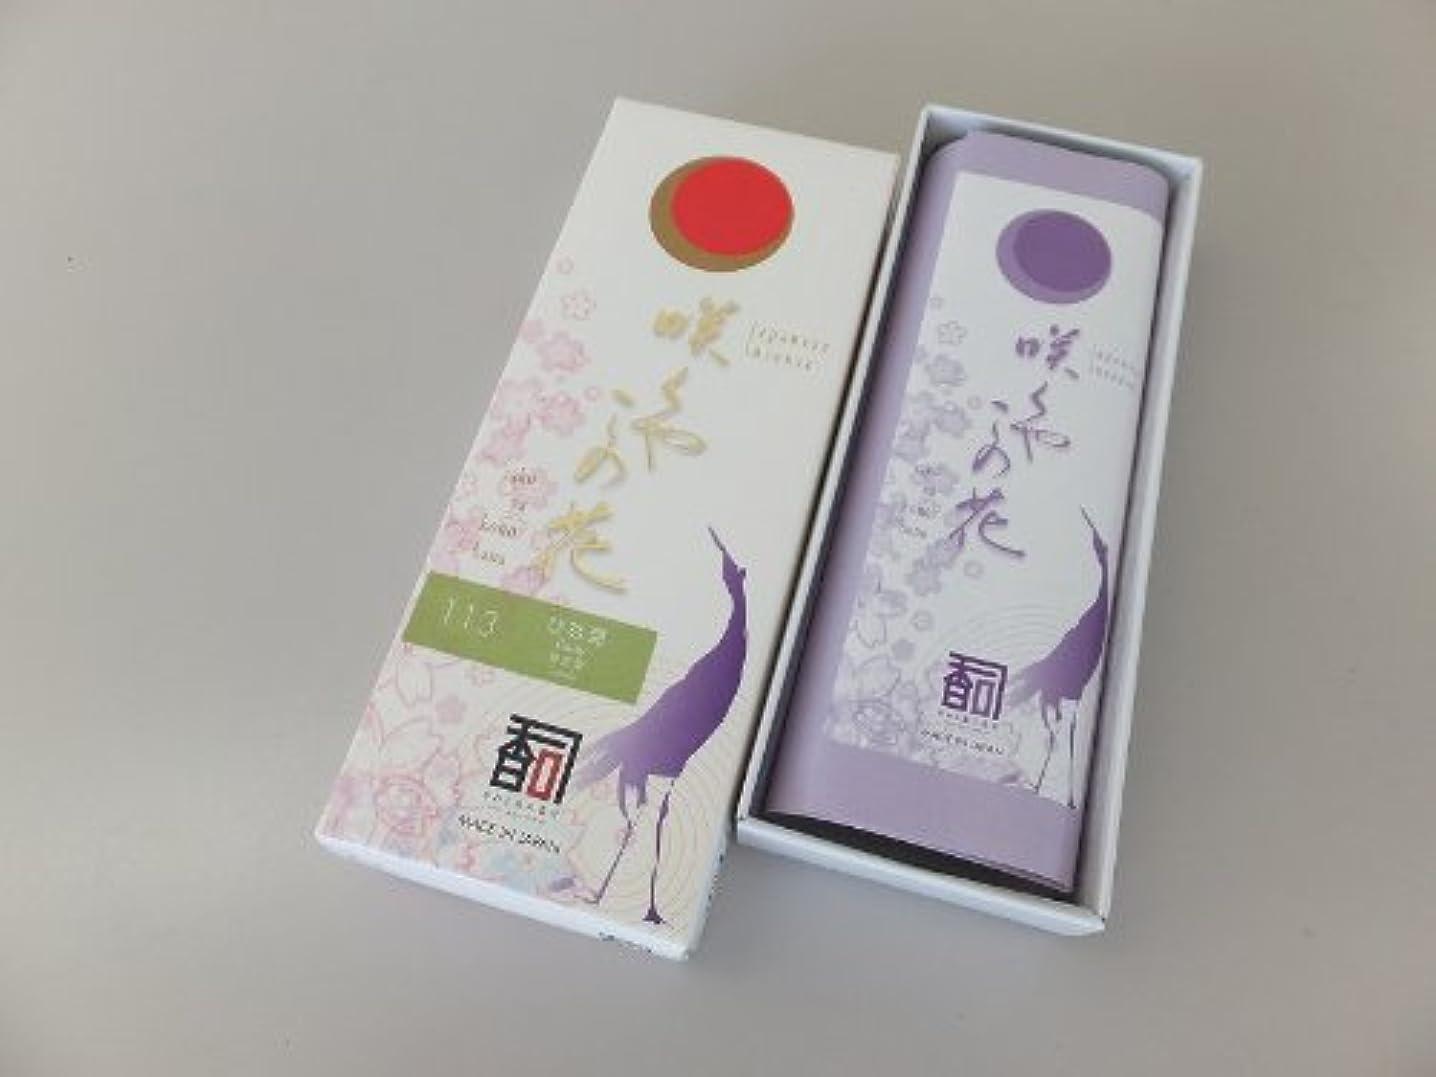 ヘッドレス不毛の作詞家「あわじ島の香司」 日本の香りシリーズ  [咲くや この花] 【113】 ひな菊 (有煙)